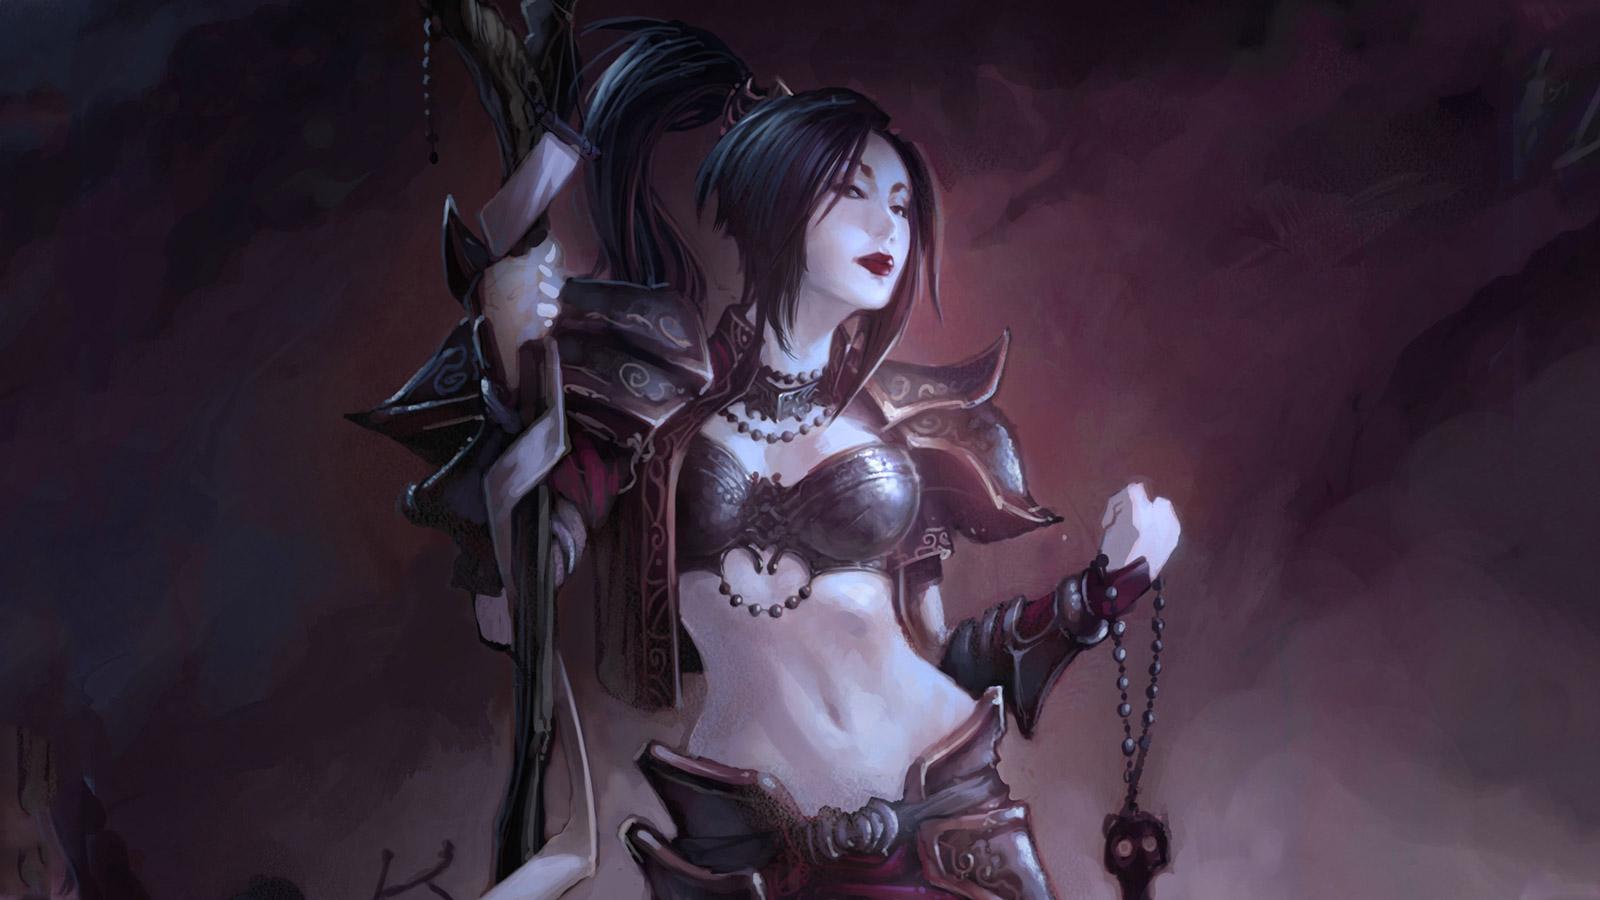 Free Diablo III Wallpaper in 1600x900